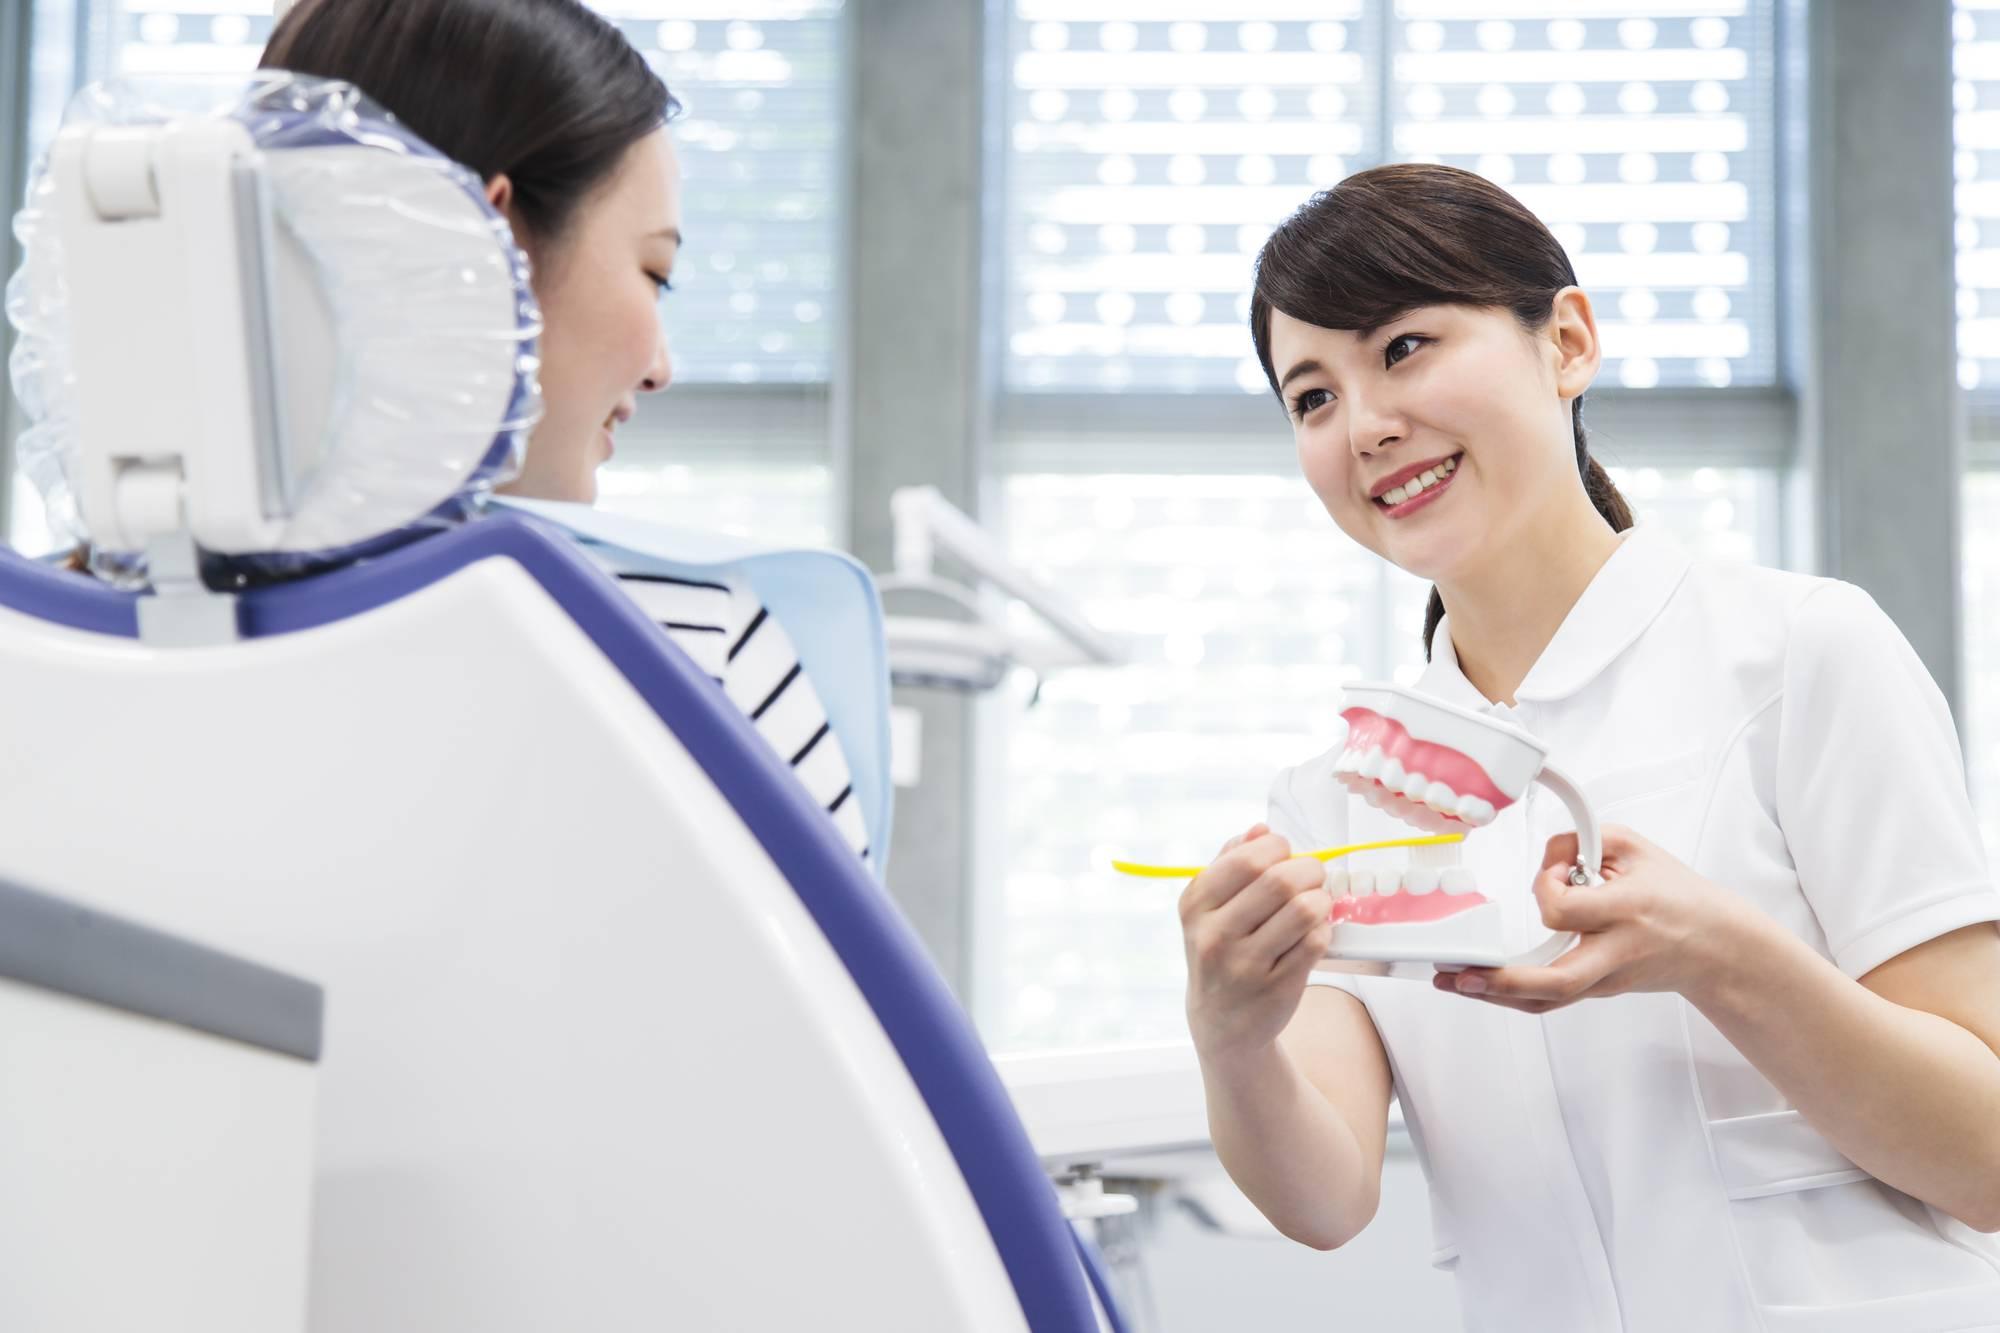 歯科衛生士から歯磨きの指導を受ける女性